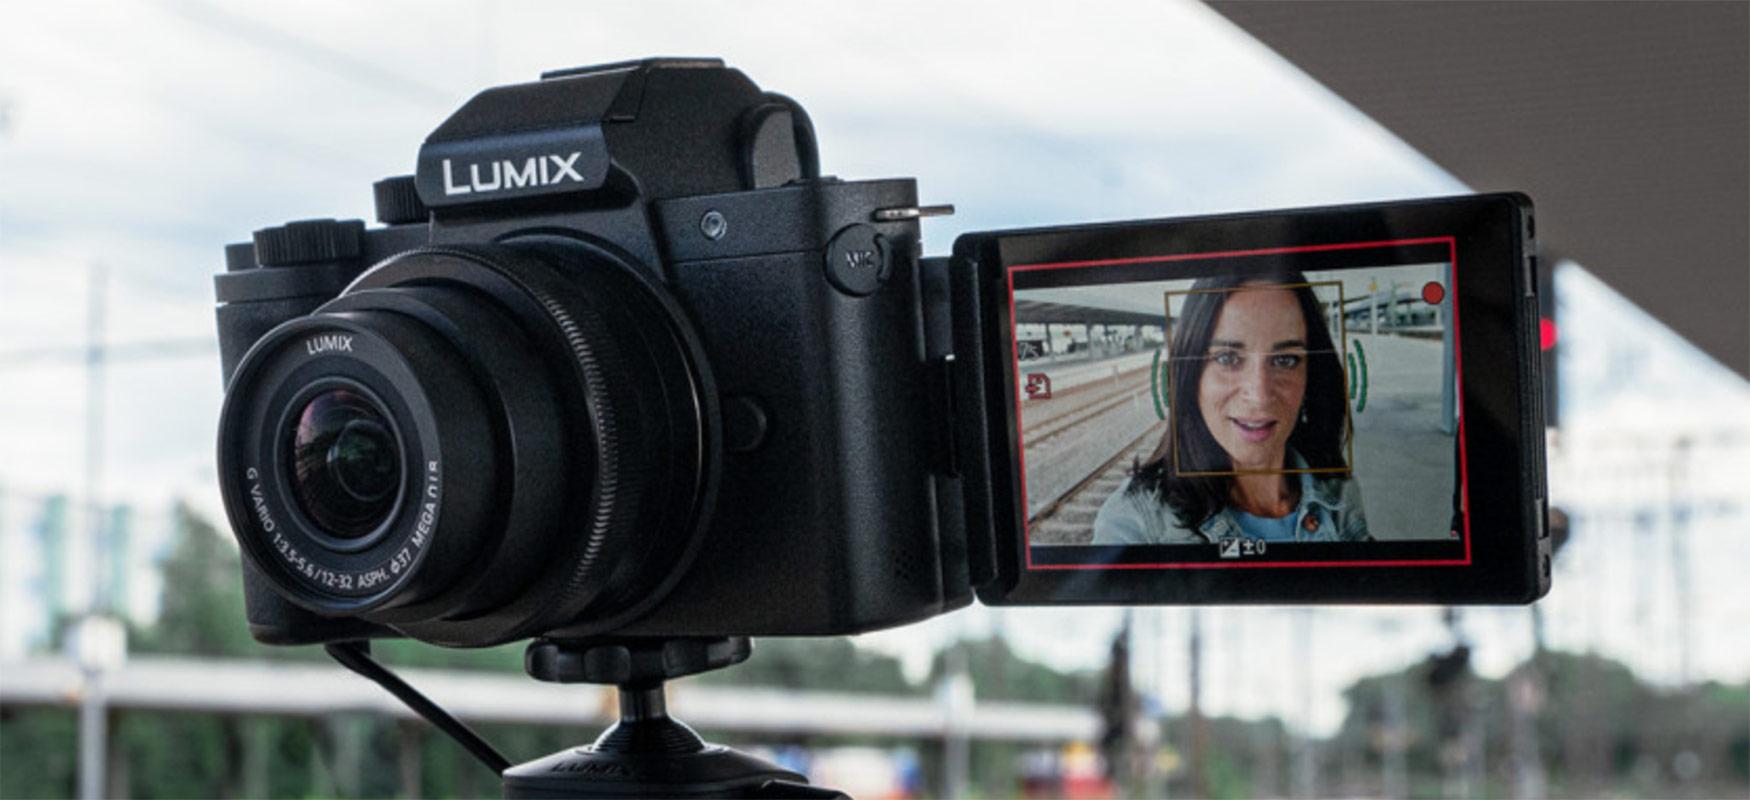 Panasonic Lumix G100 vloggerrentzat sortutako lehen Micro Fours kamera da